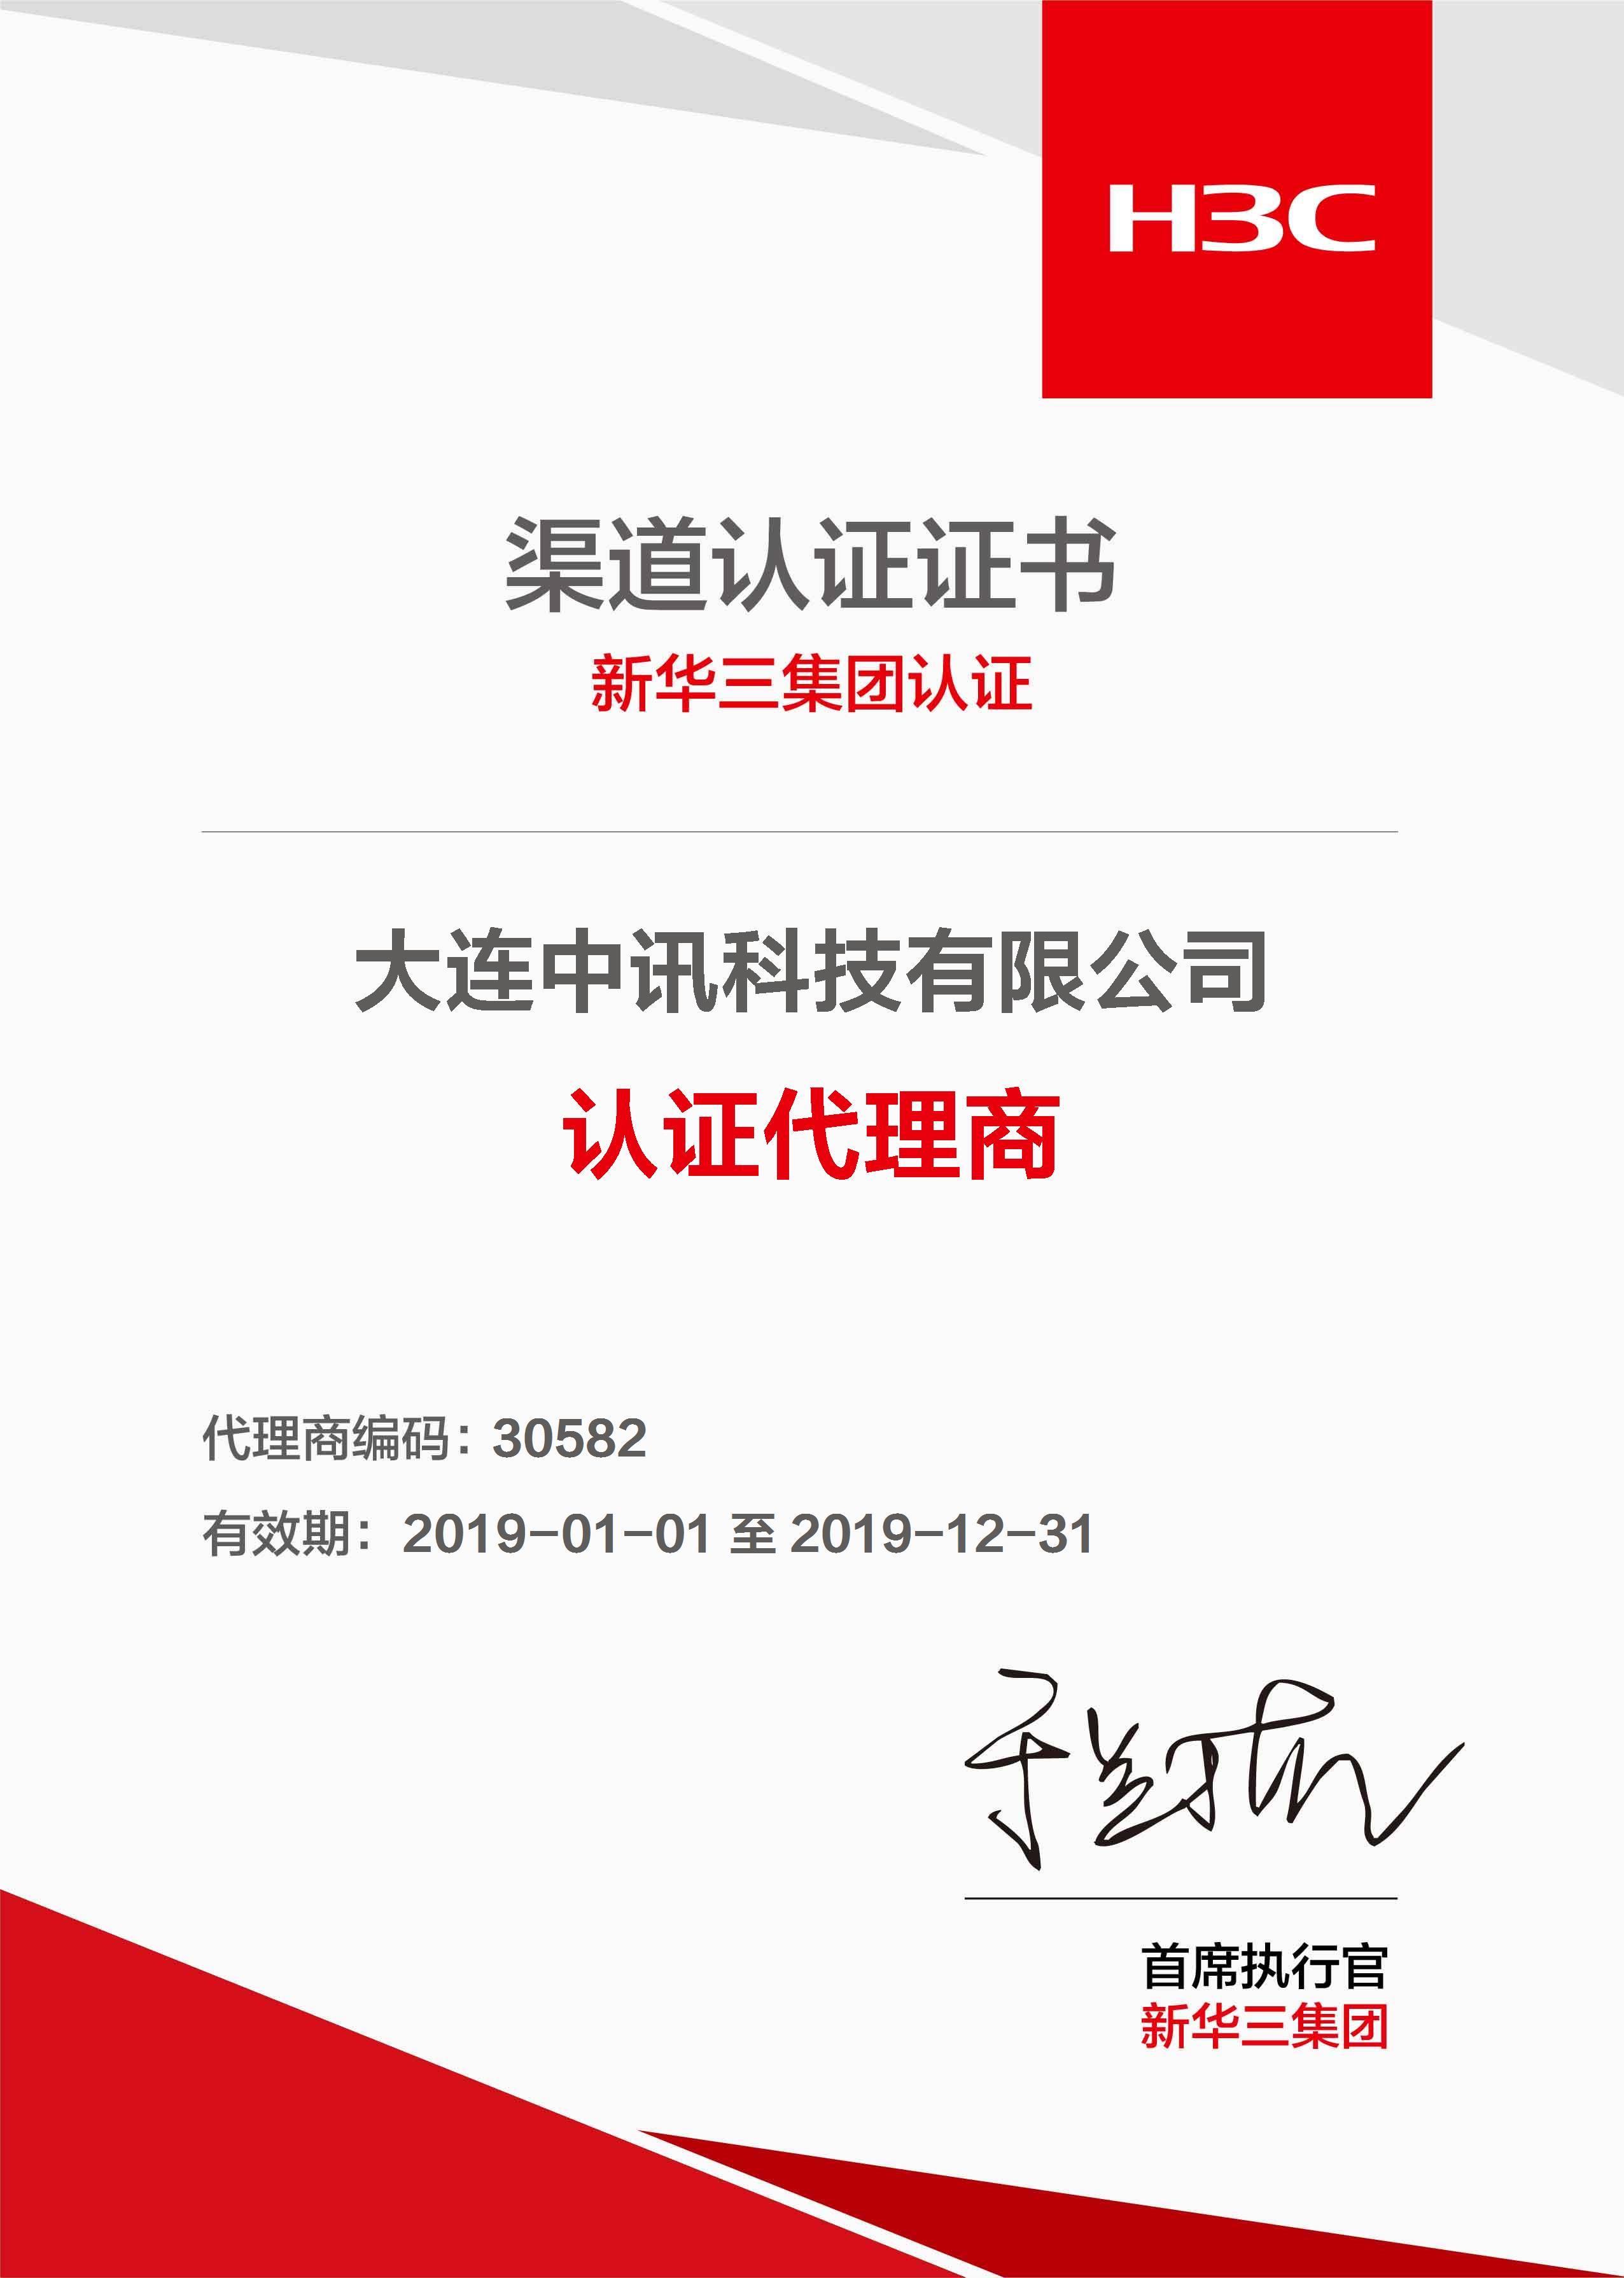 大连中讯科技为新华三H3C大连地区认证代理商